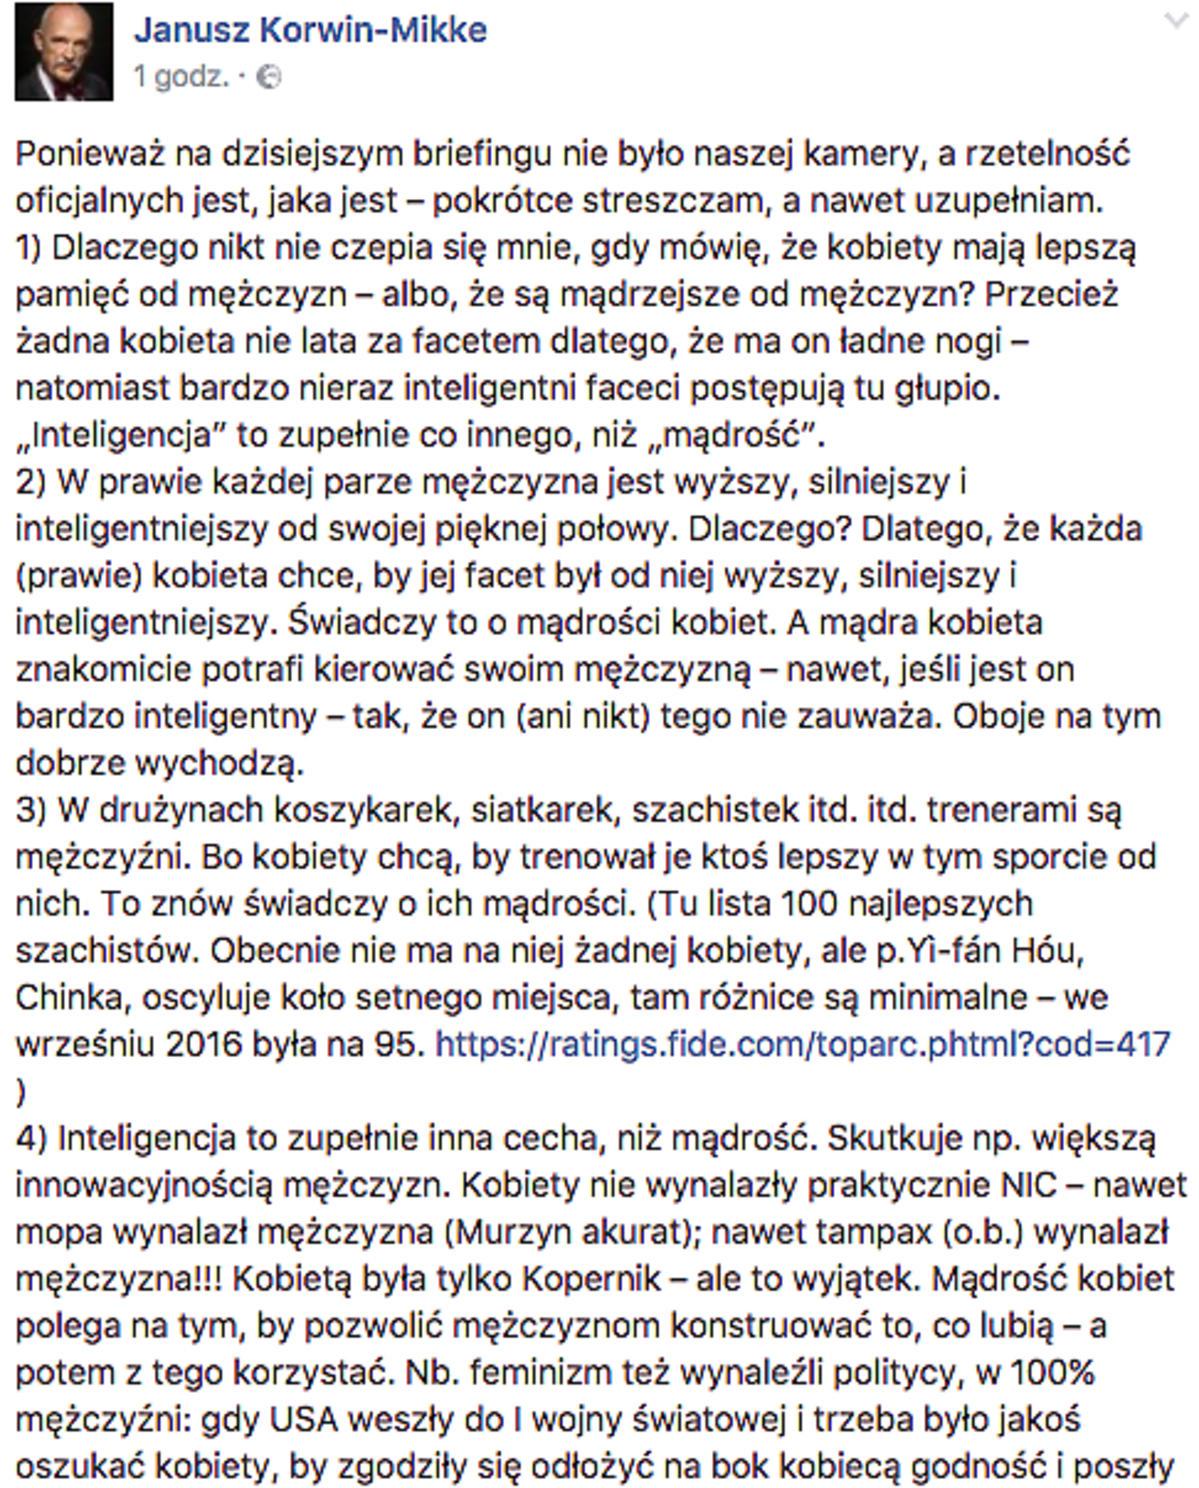 Janusz Korwin-Mikke o swojej wypowiedzi o kobietach